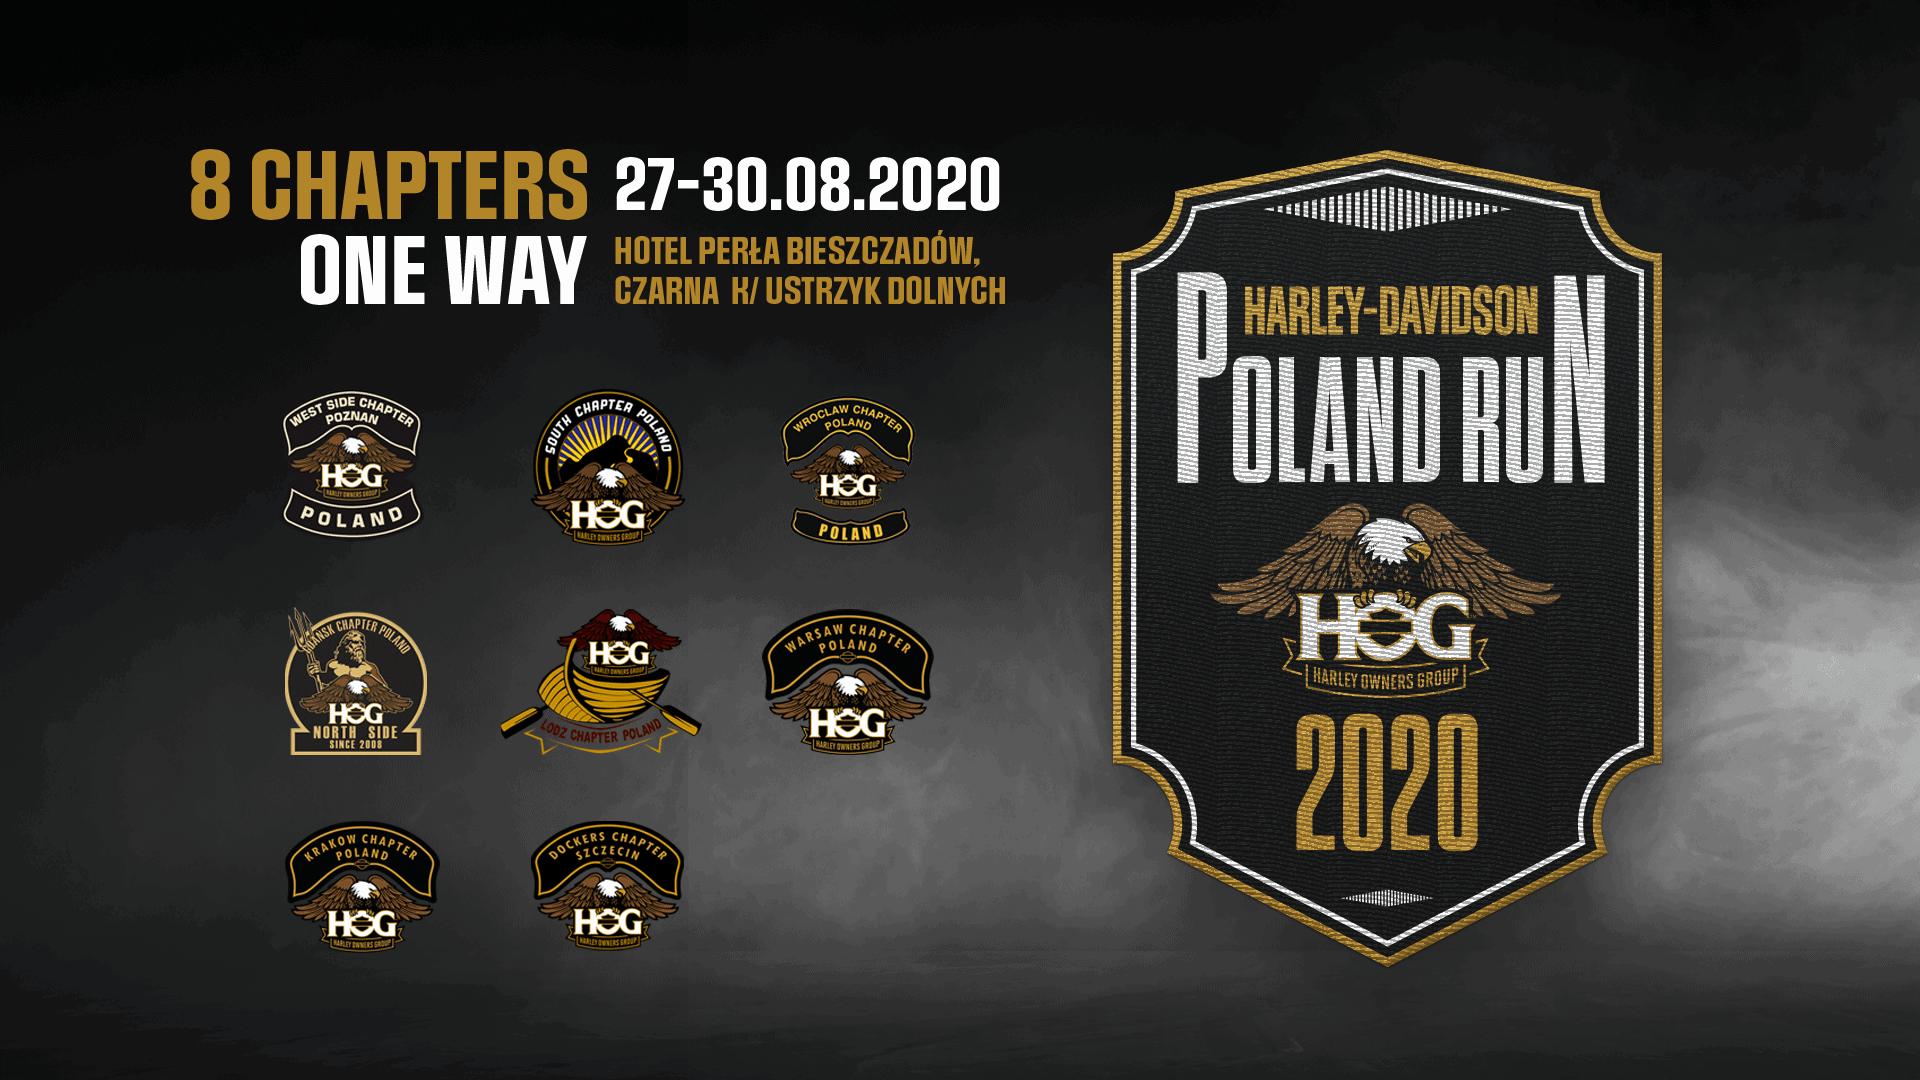 Poland Run 2020